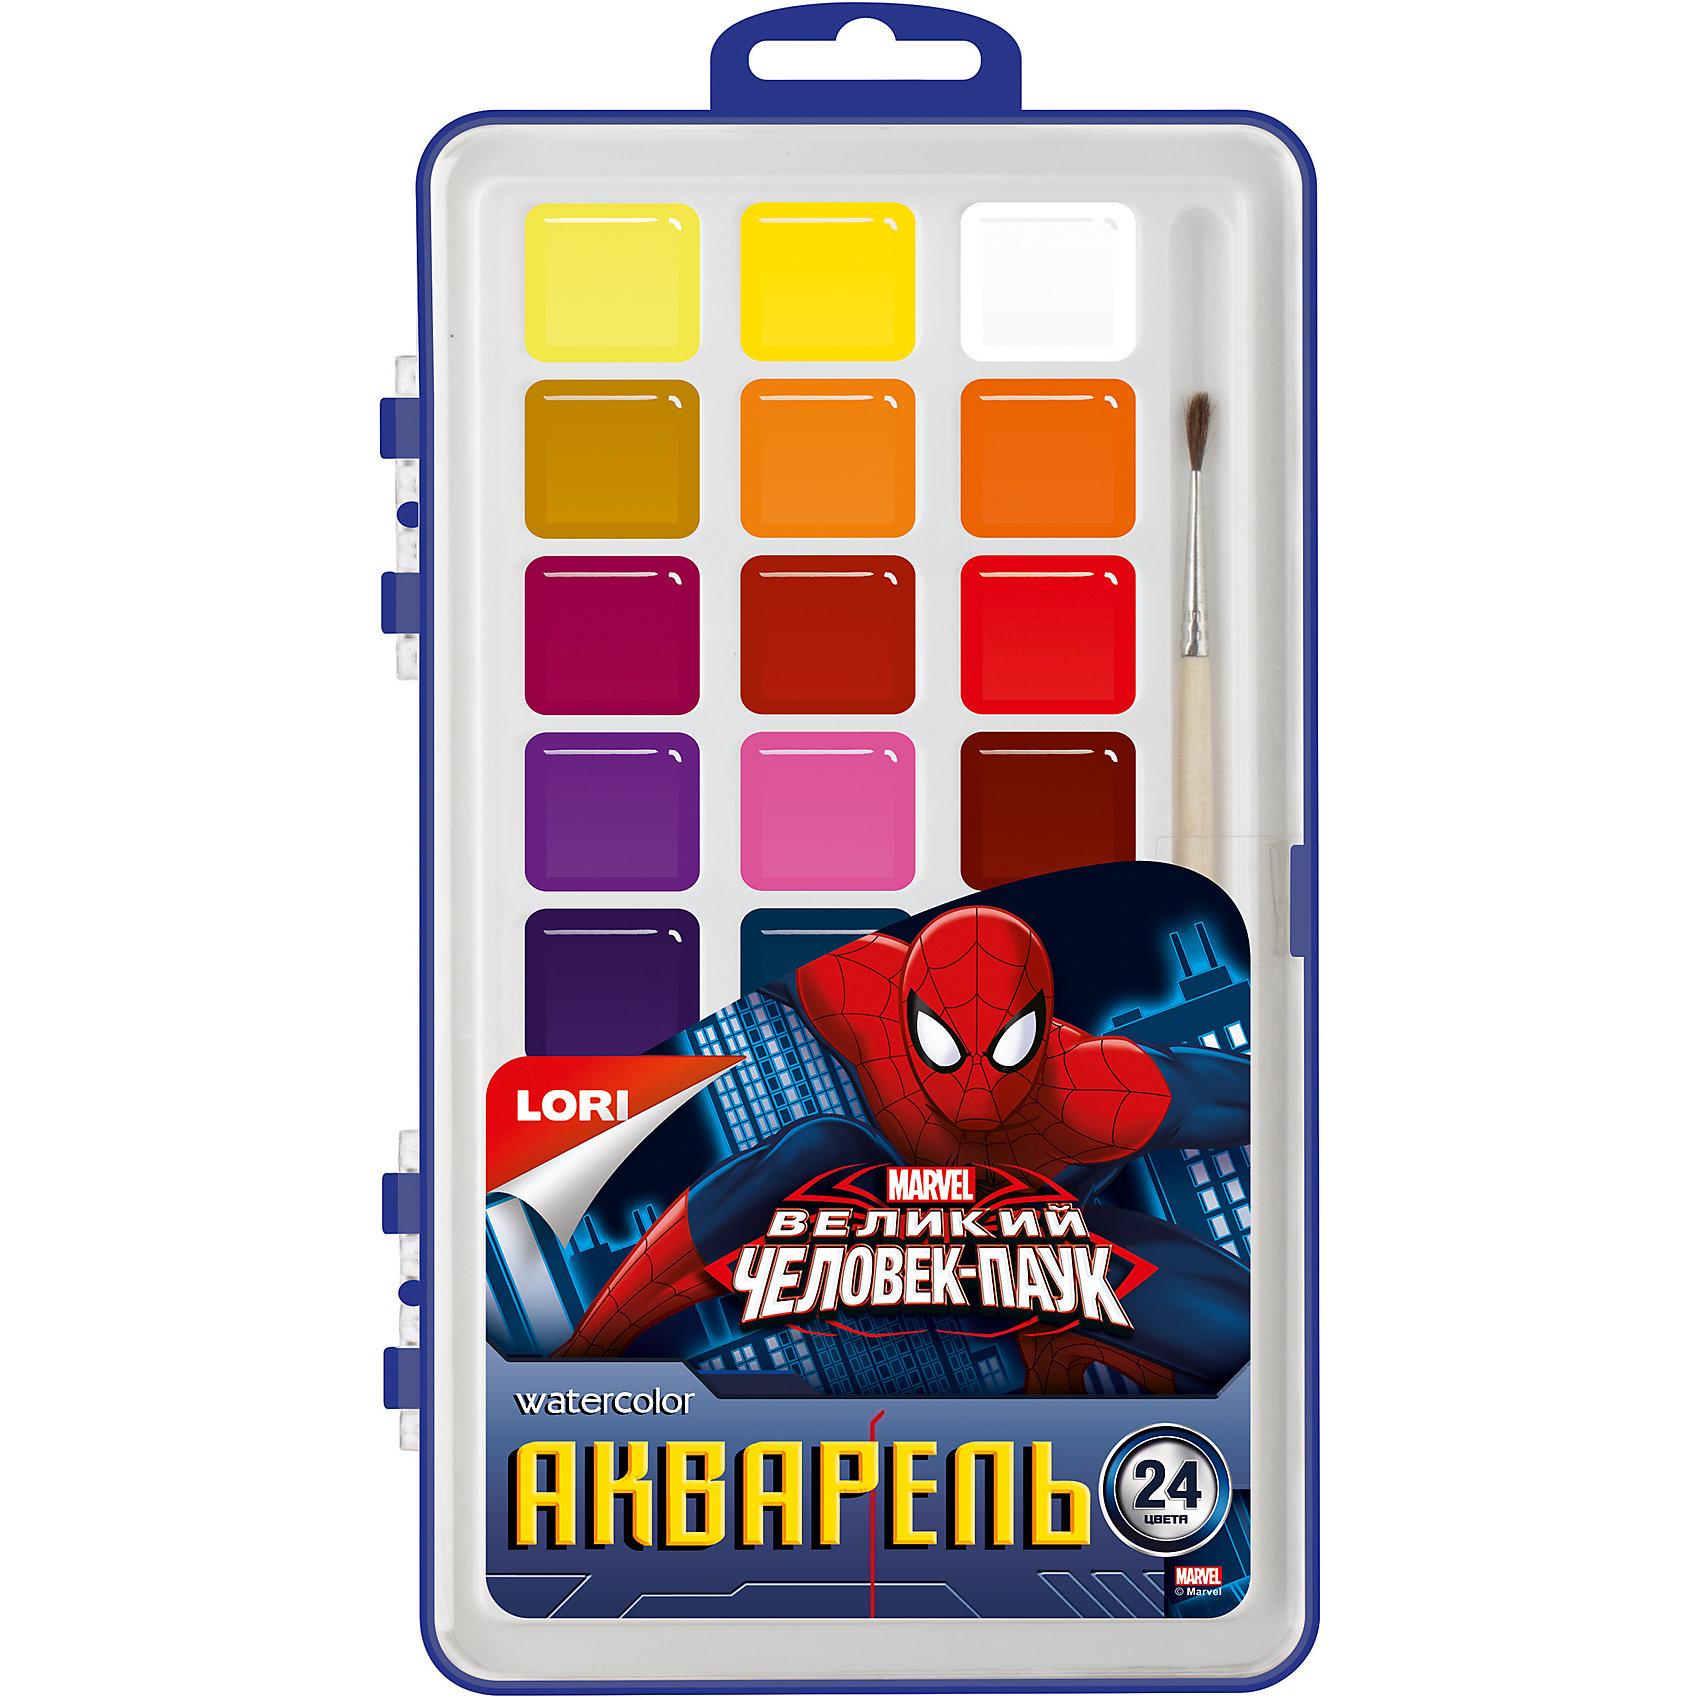 Акварель Marvel Человек-паук 24 цветов, в пластикеакварельная краска, 24 цвета<br><br>Ширина мм: 18<br>Глубина мм: 122<br>Высота мм: 205<br>Вес г: 990<br>Возраст от месяцев: 36<br>Возраст до месяцев: 84<br>Пол: Унисекс<br>Возраст: Детский<br>SKU: 5032211